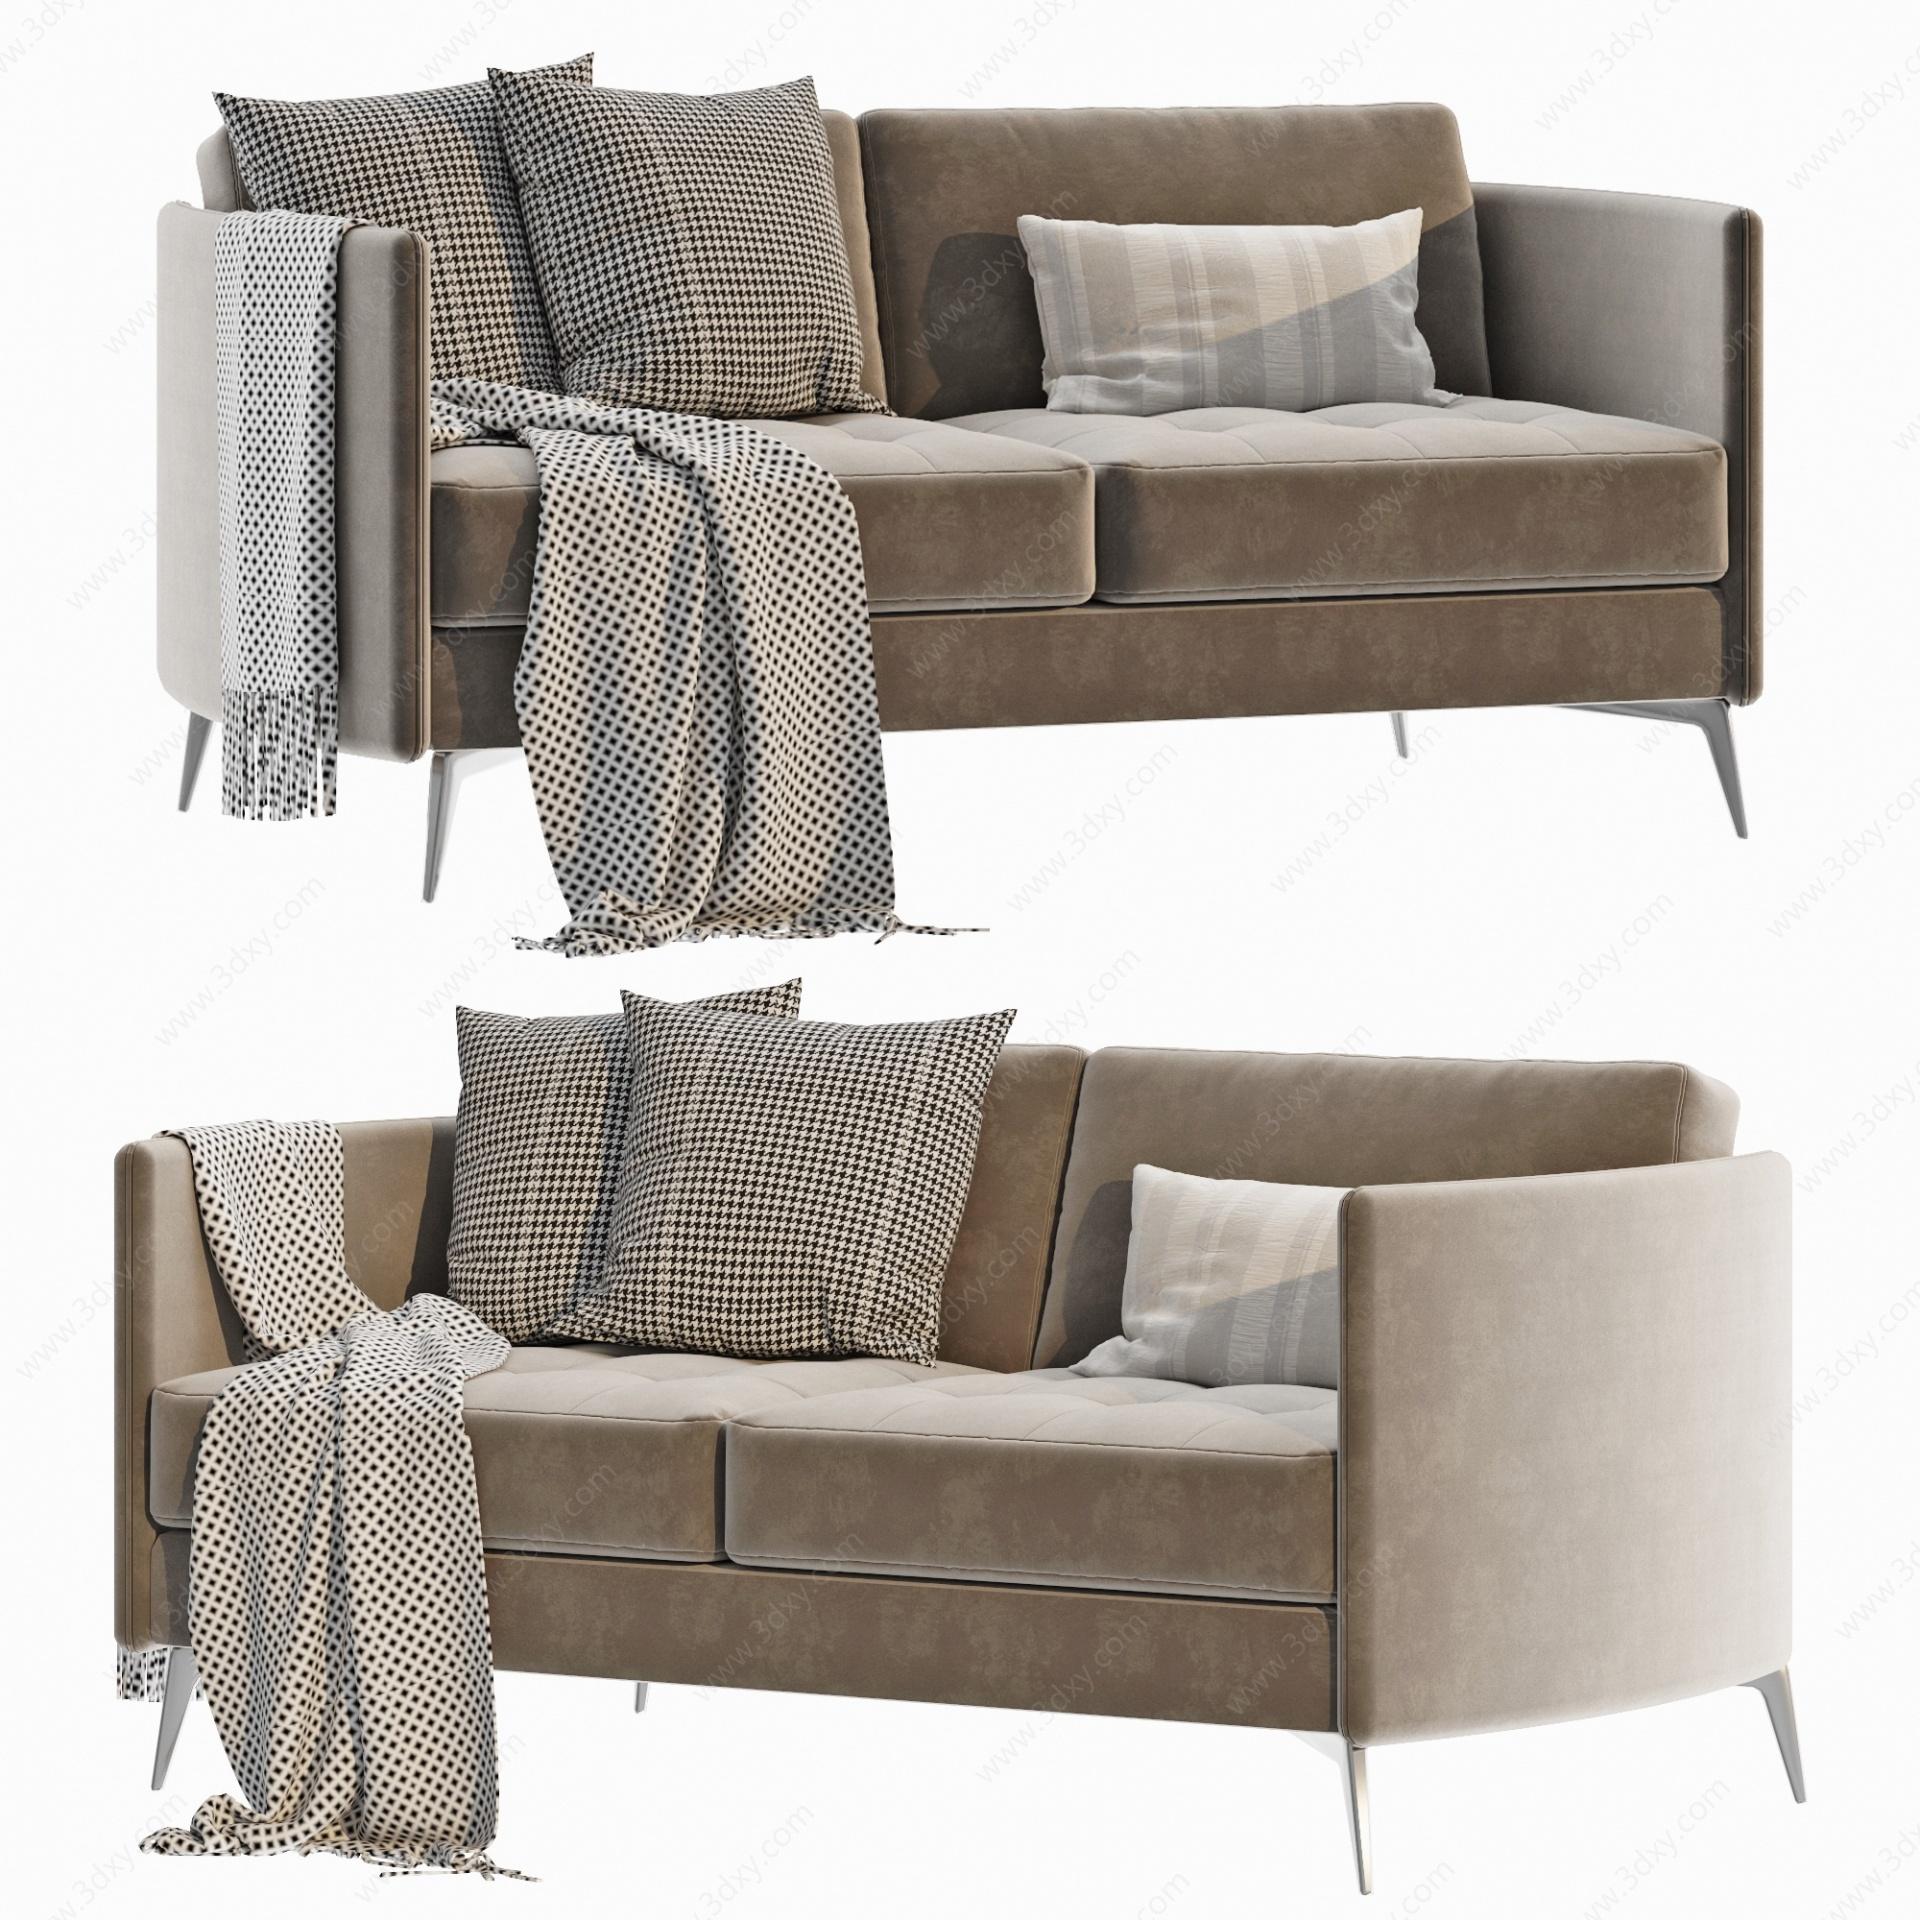 意大利Arflex現代雙人沙發3D模型